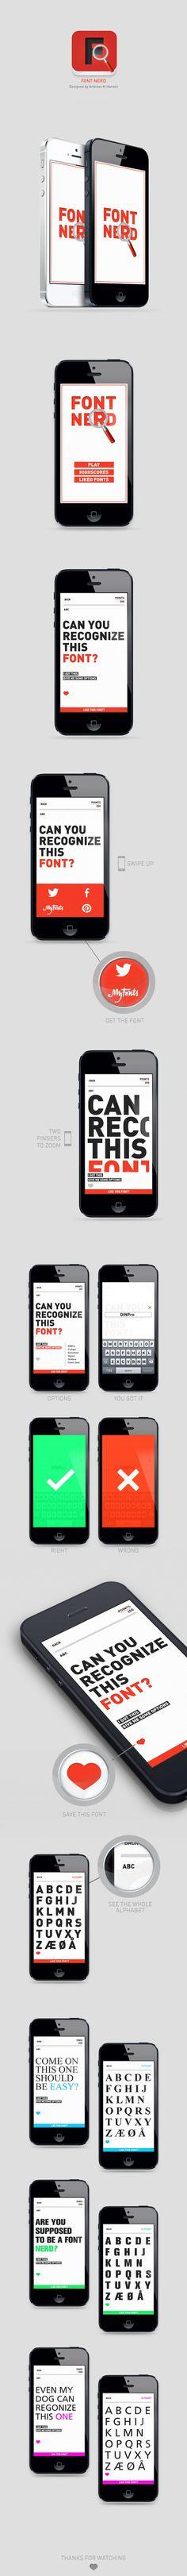 Font Nerd by Andreas M Hansen, via Behance